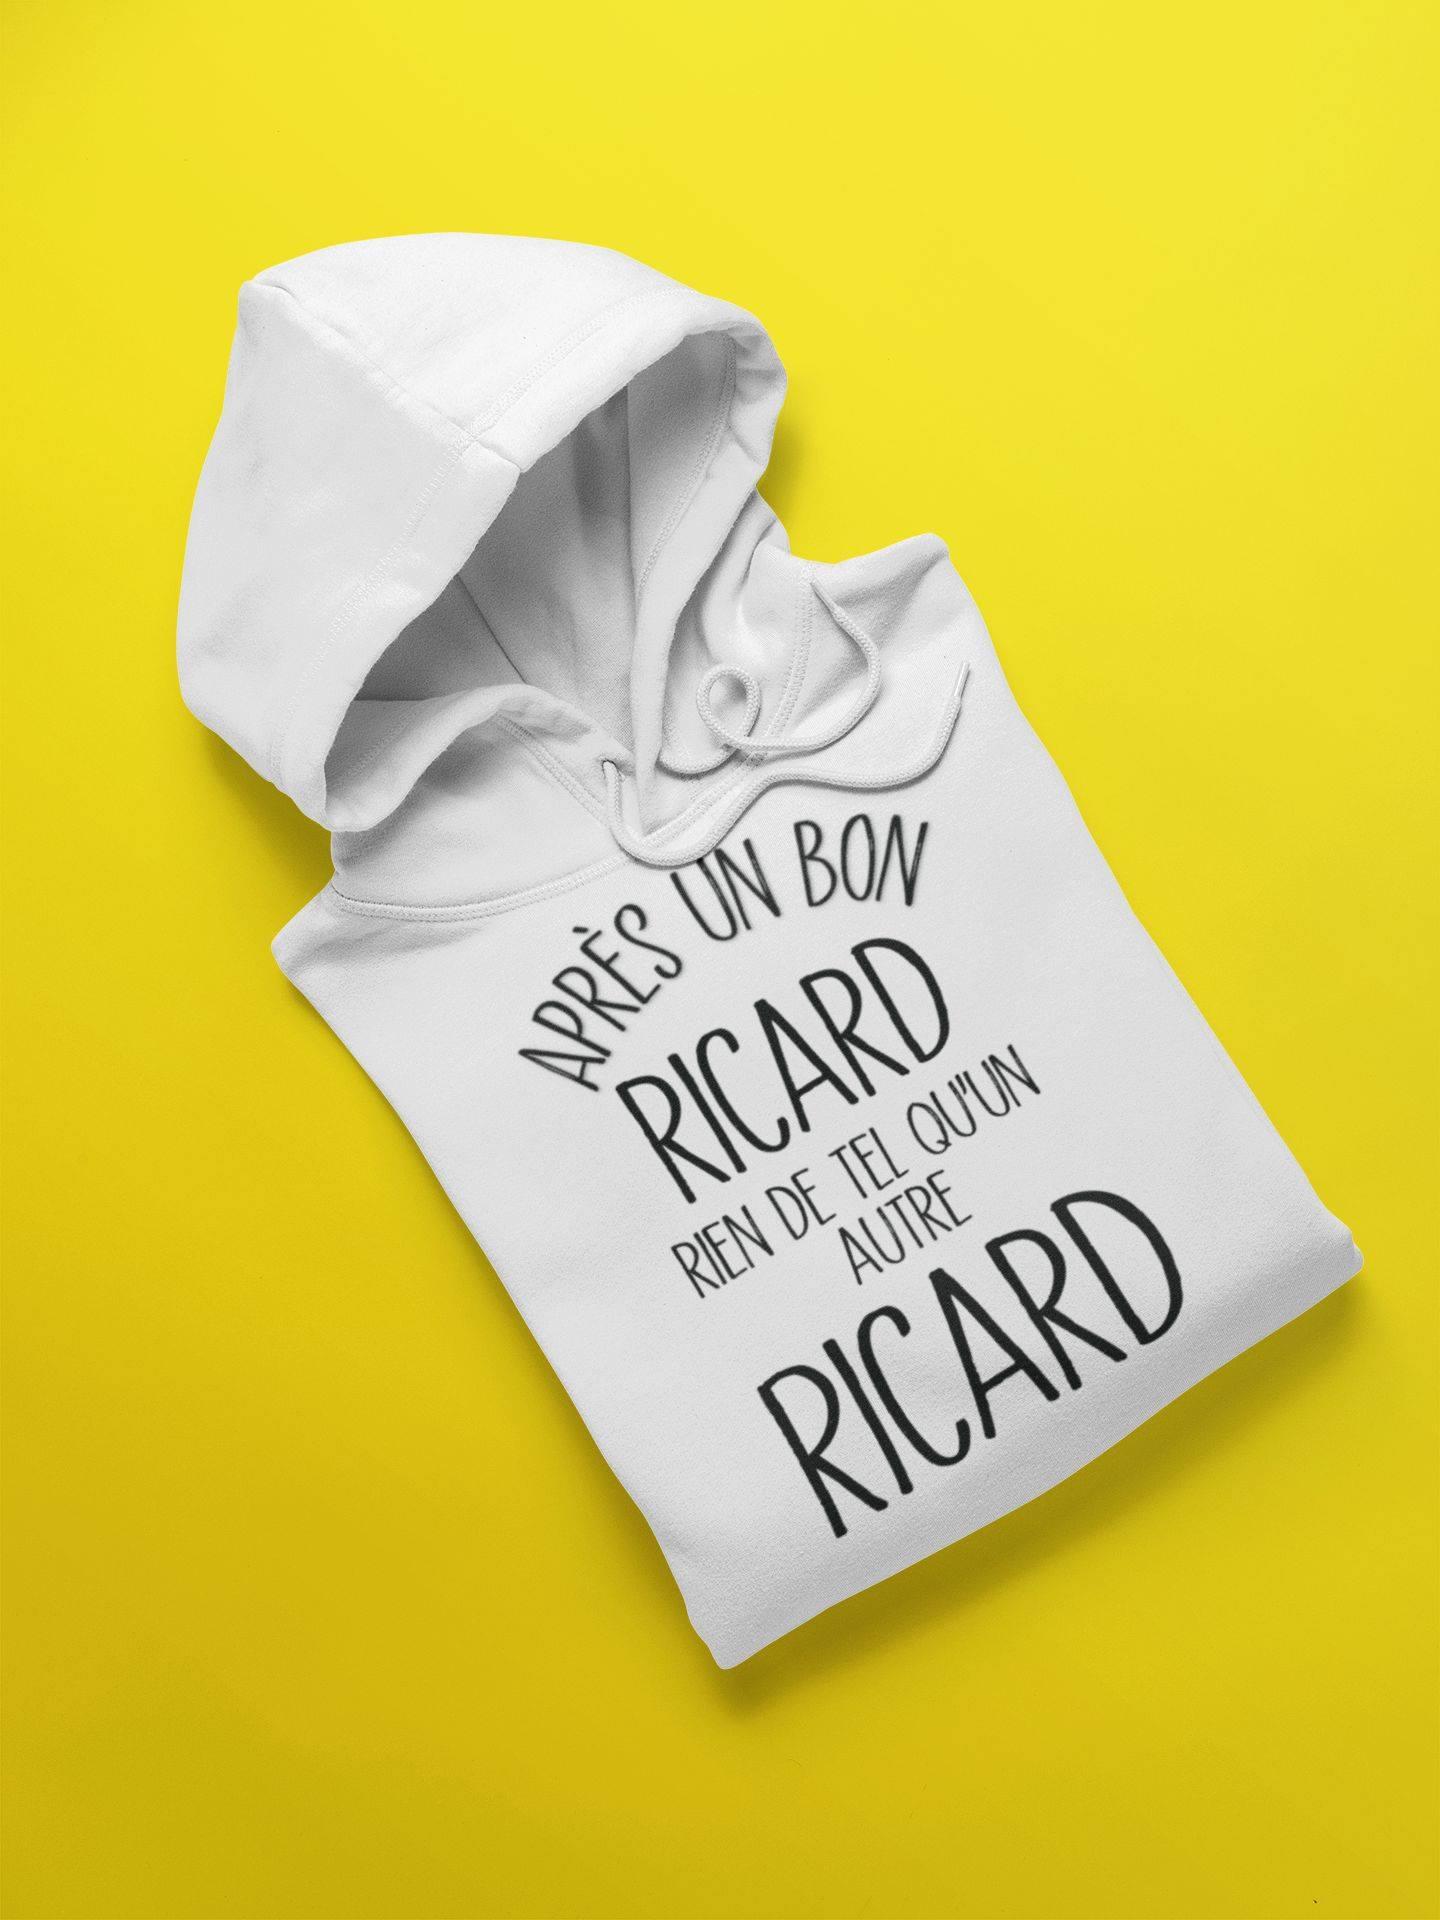 Apres un bon ricard rien de tel qu'un autre ricard shirt